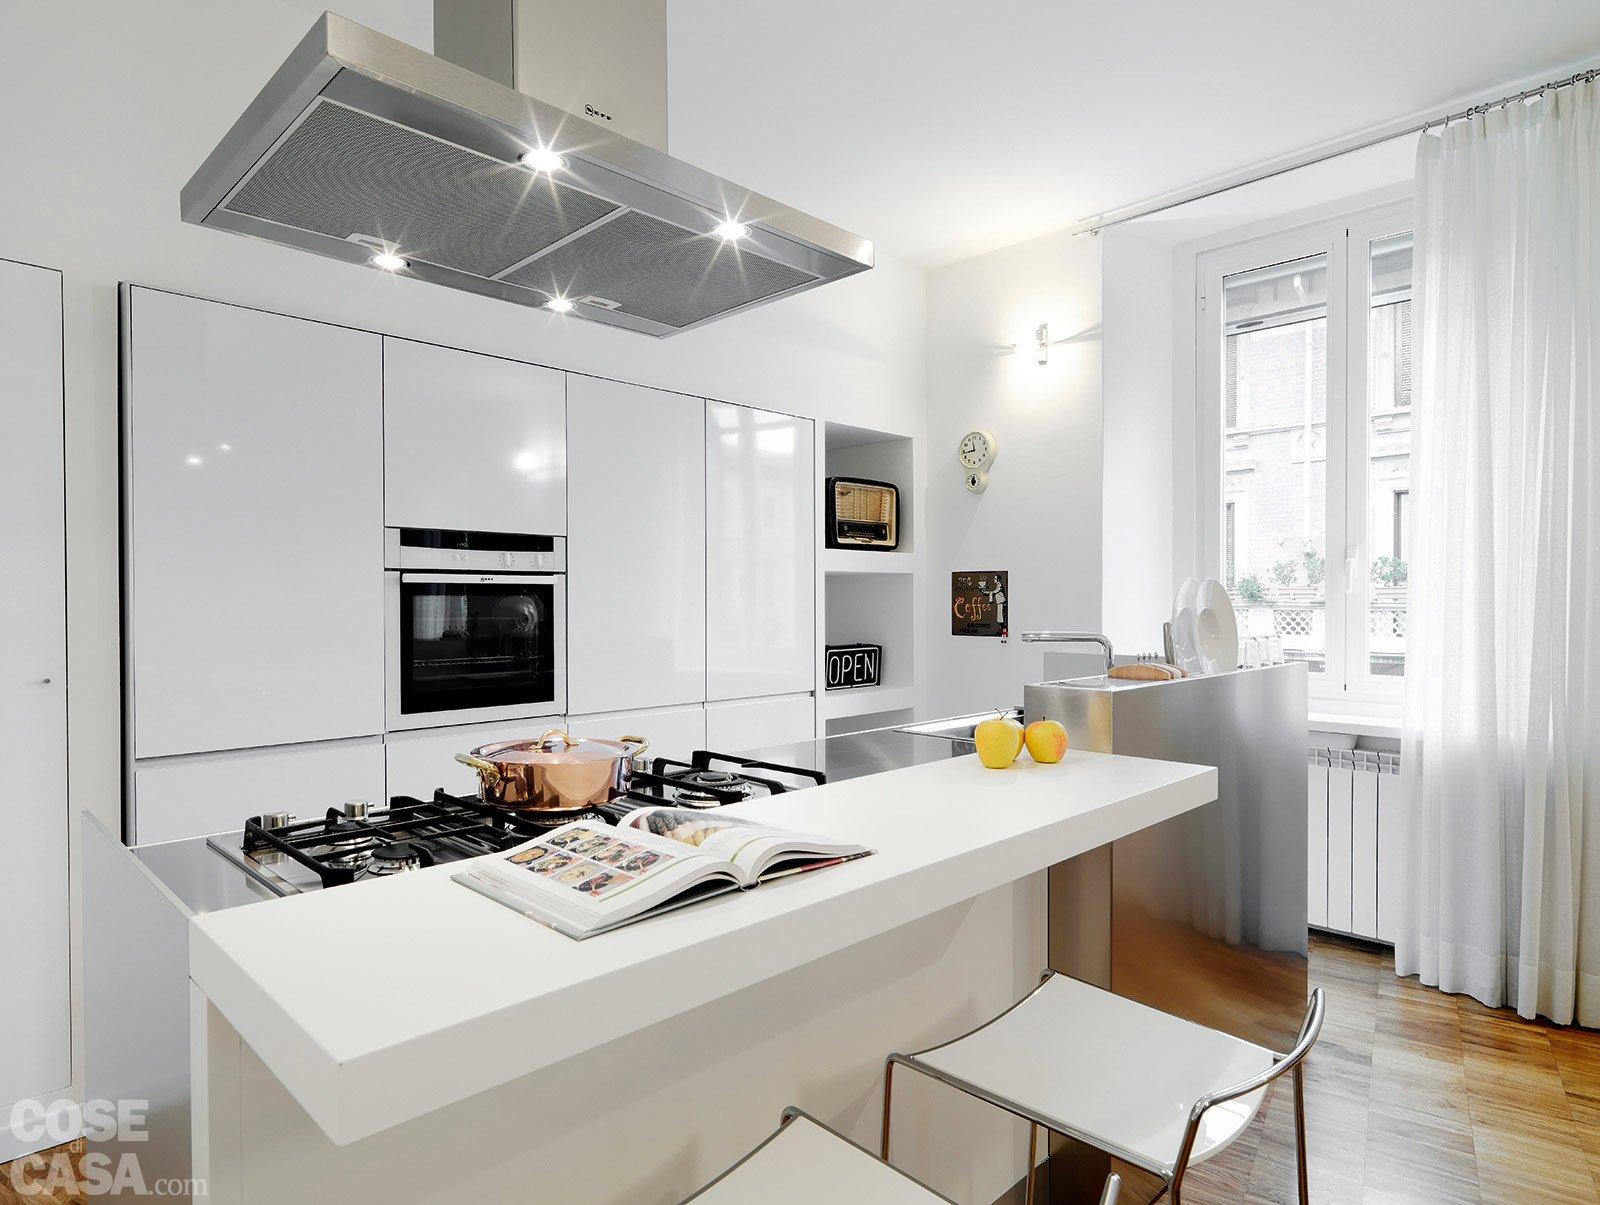 74 mq moltiplicati e ottimizzati cose di casa - Casa in cartongesso ...